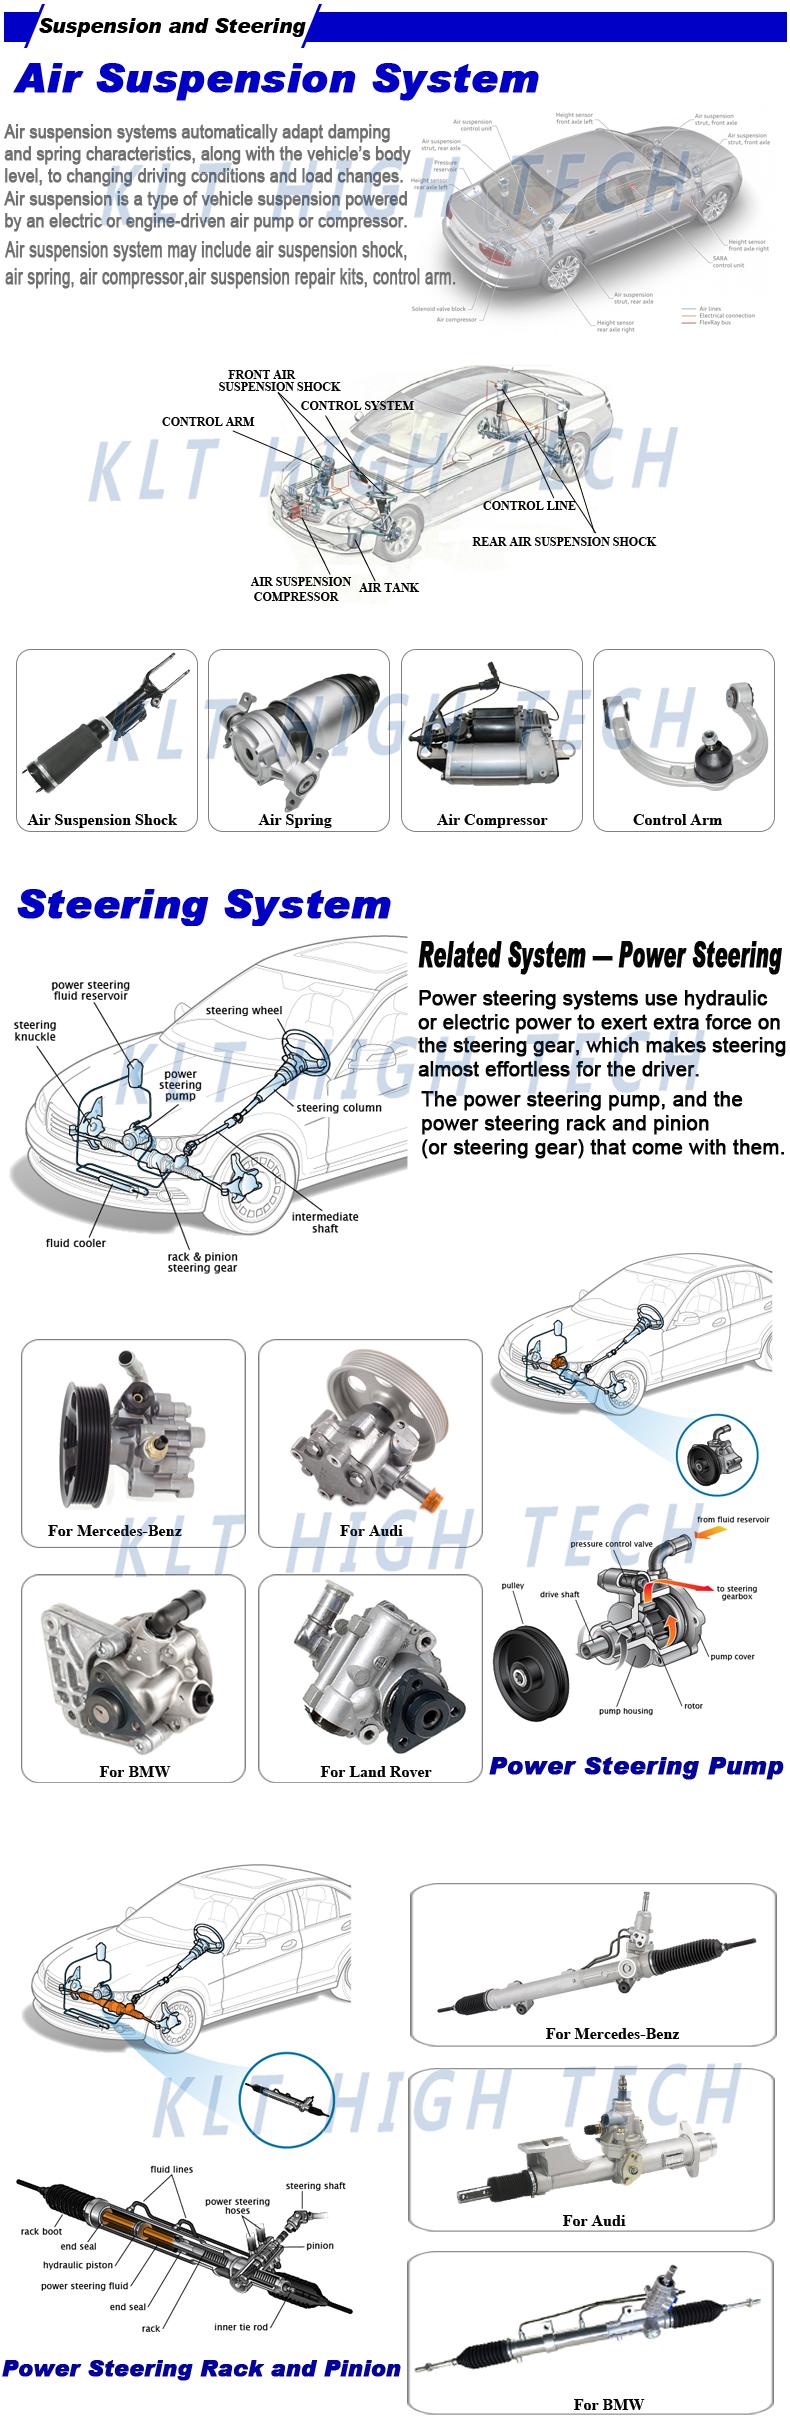 Air Suspension Repair Kits Rear Left Mercedes W211 Air Spring Bag Airmatic  Shock Bellow 2113200725 A2113200725 2113201525 - Buy 2113200725,Air Spring